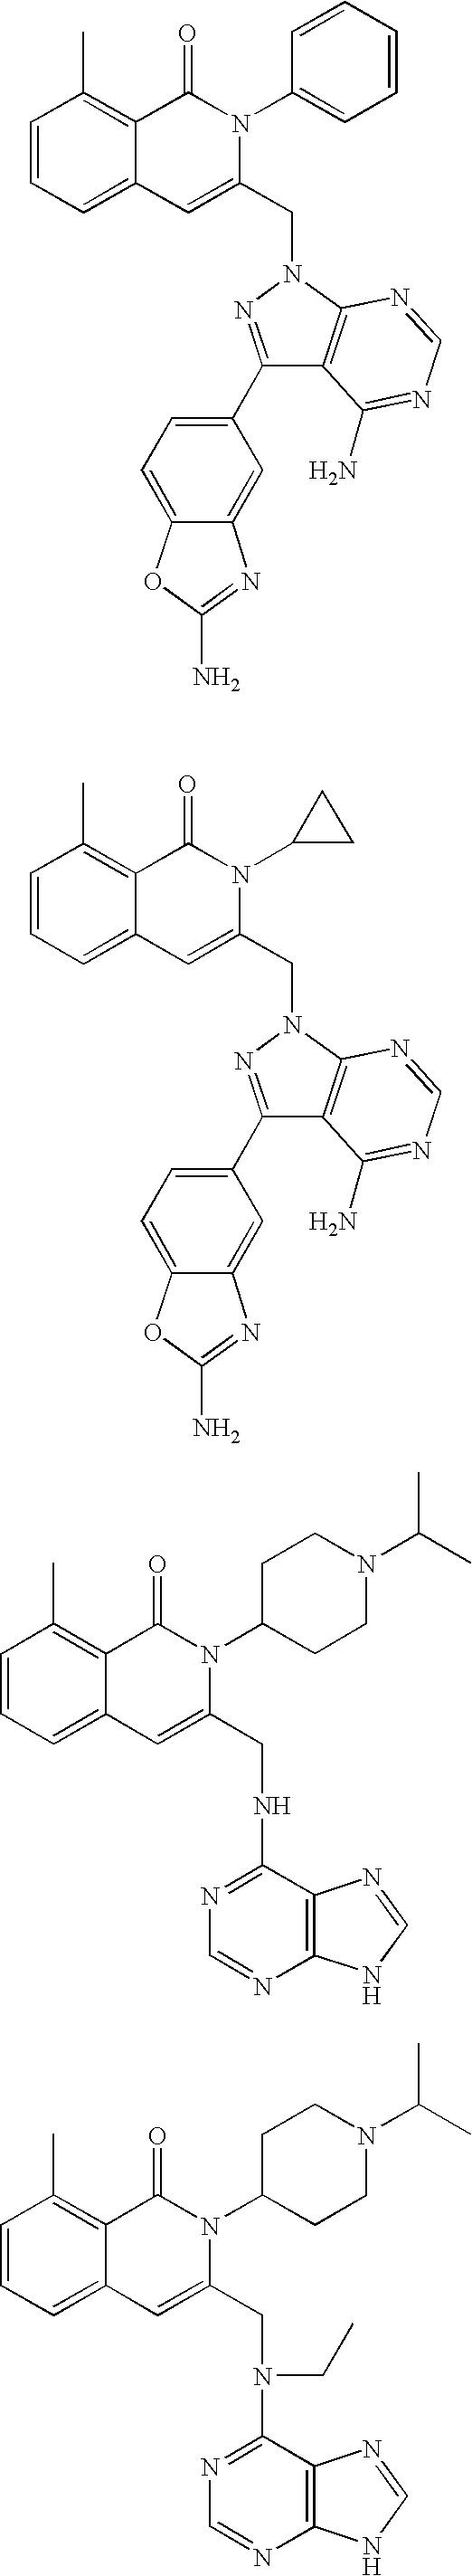 Figure US08193182-20120605-C00276